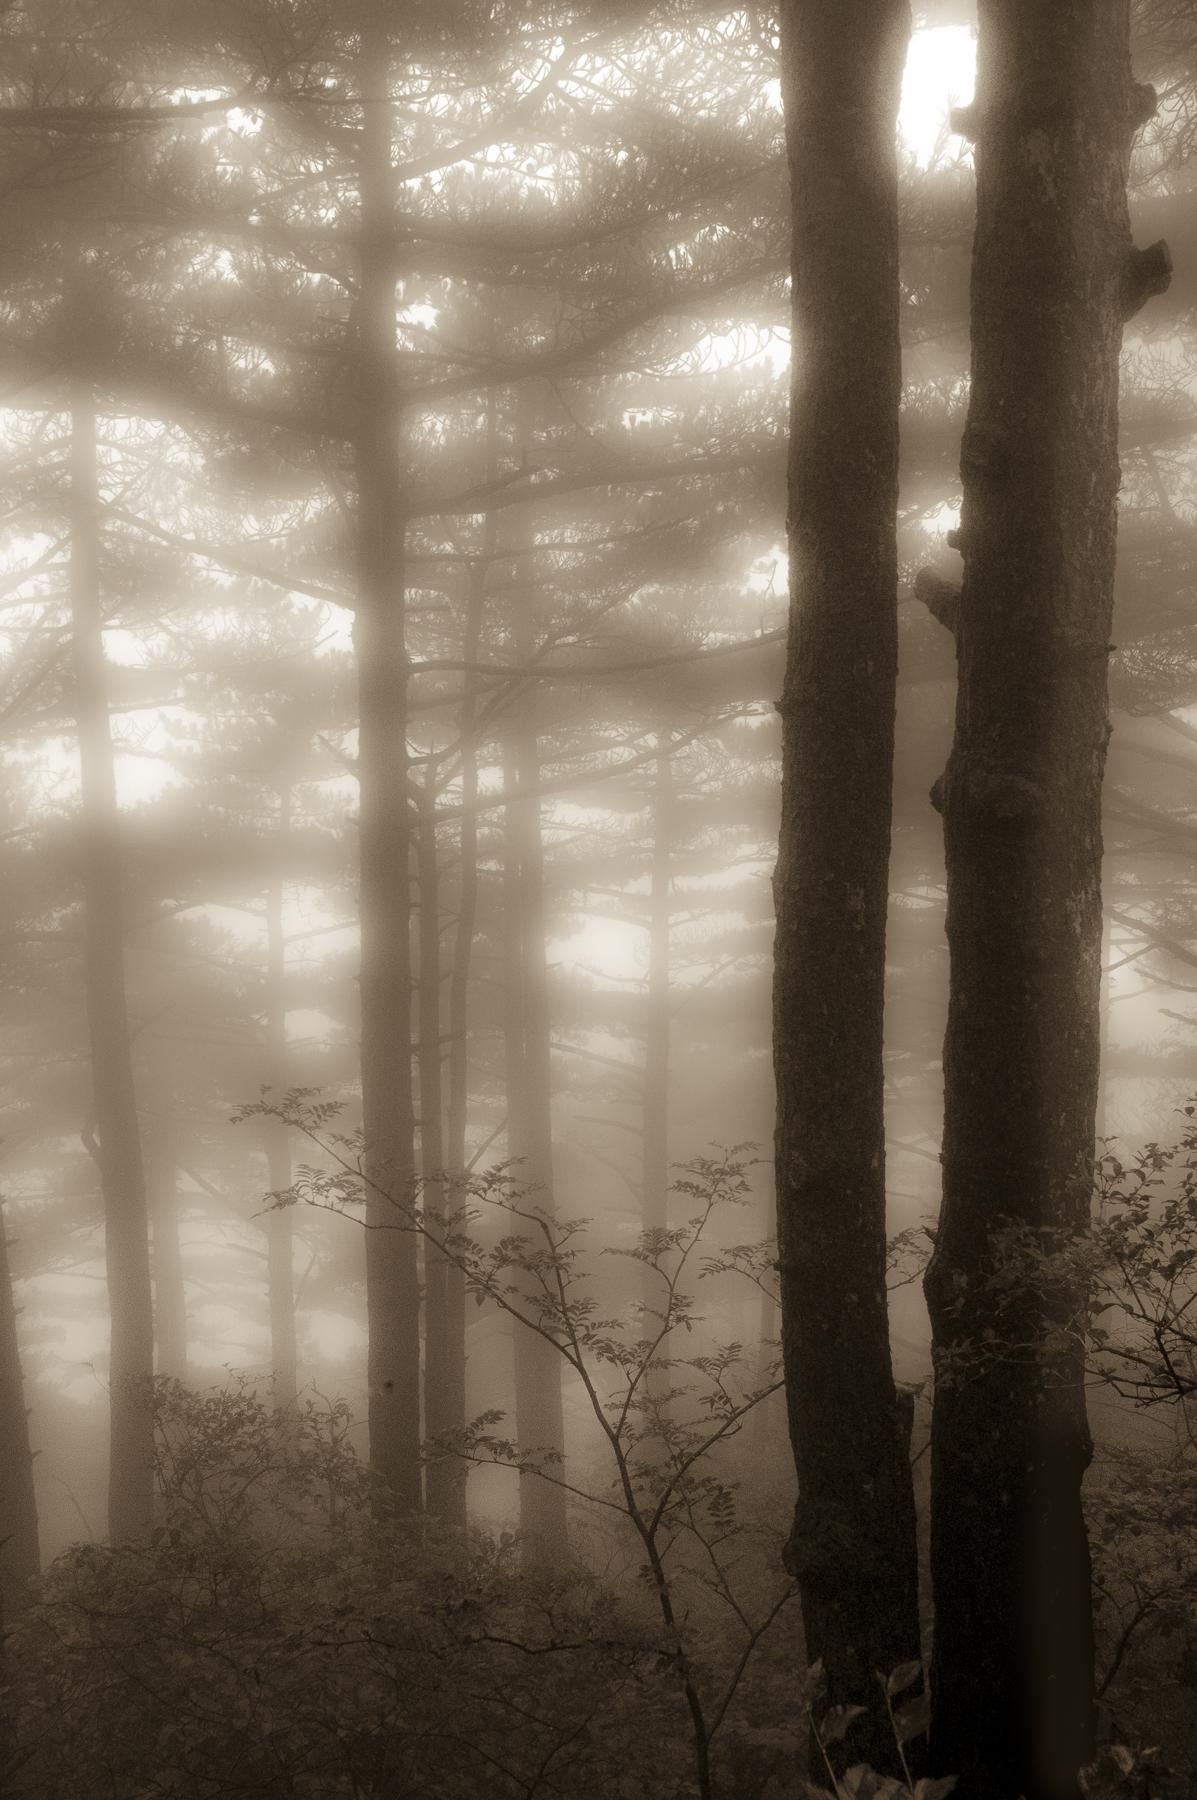 Carol_Horigan_Forest Shrouded in Mist-2V.jpg